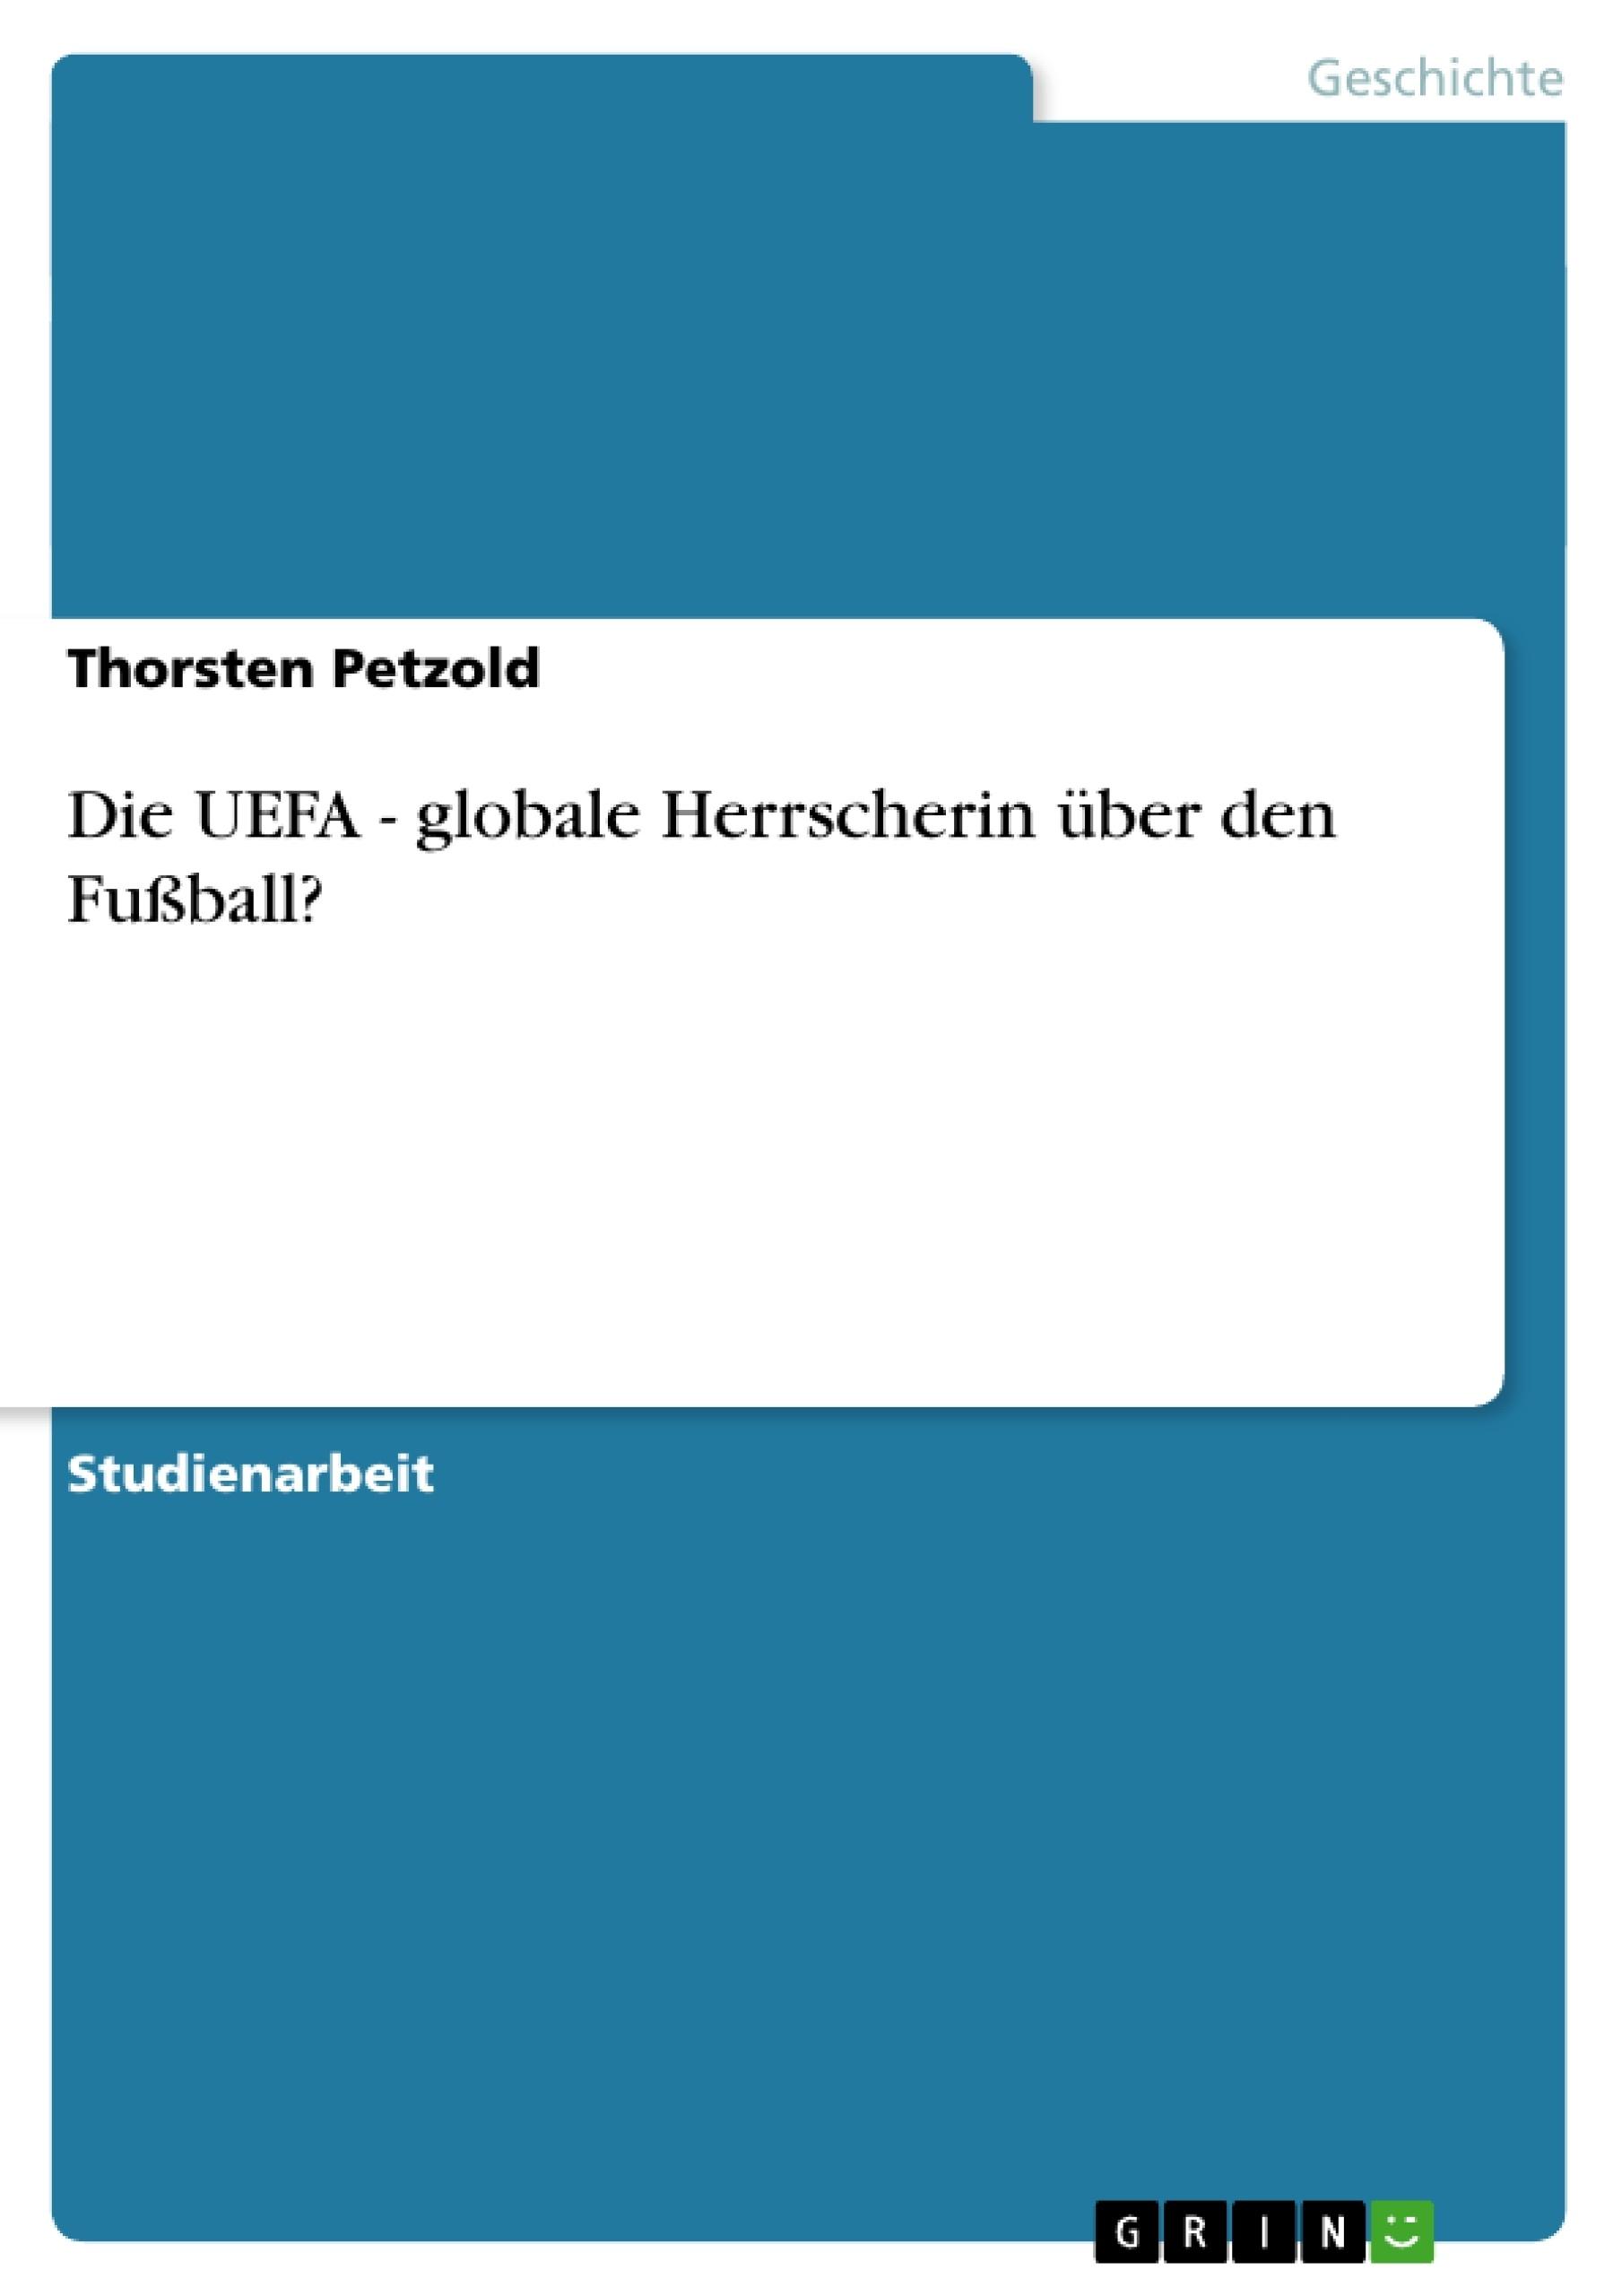 Titel: Die UEFA - globale Herrscherin über den Fußball?